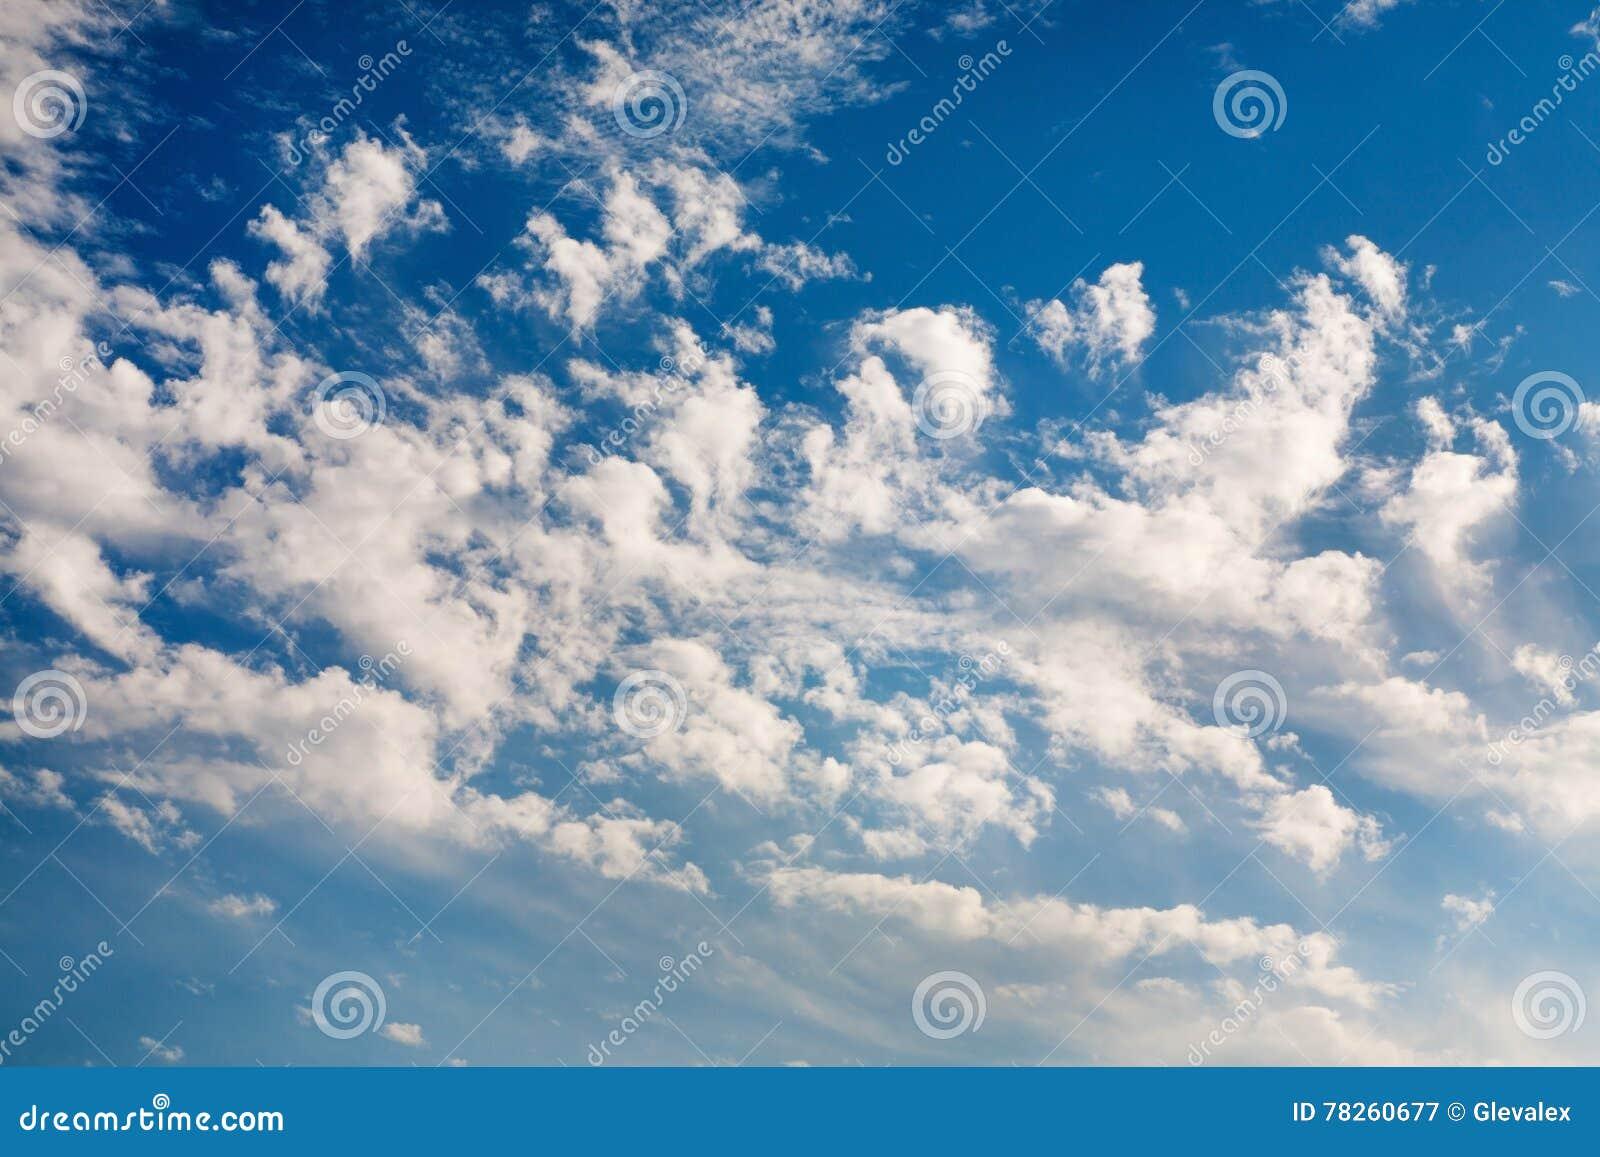 Όμορφος μπλε ουρανός με τα σύννεφα